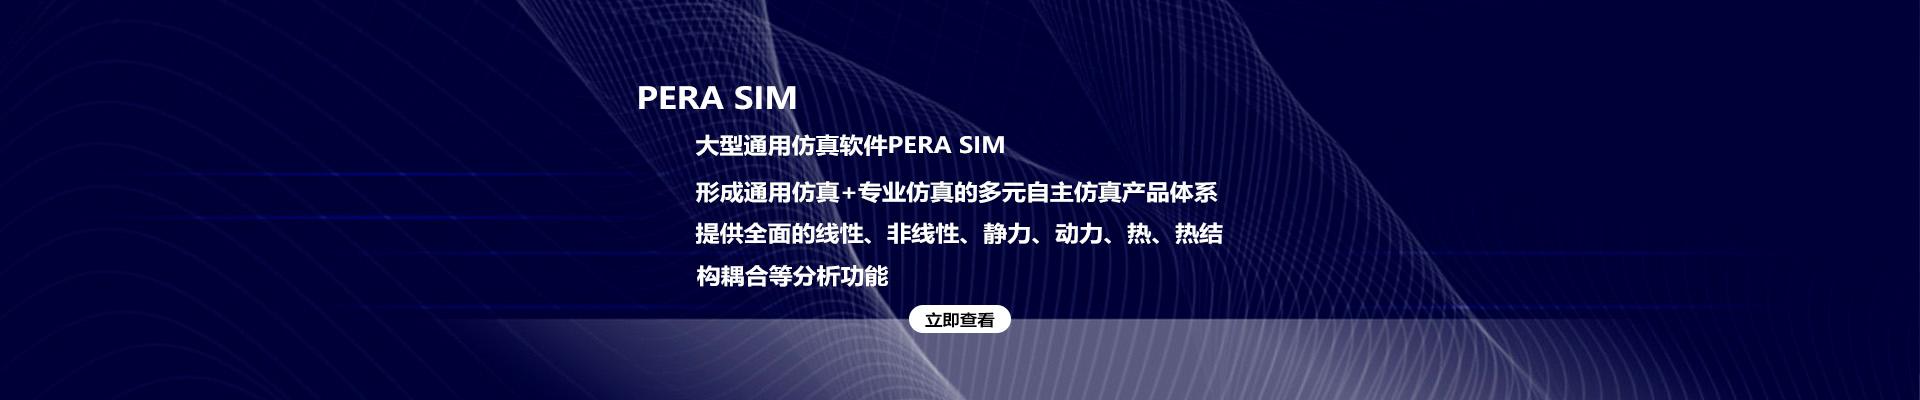 PERA SIM 通用仿真软件